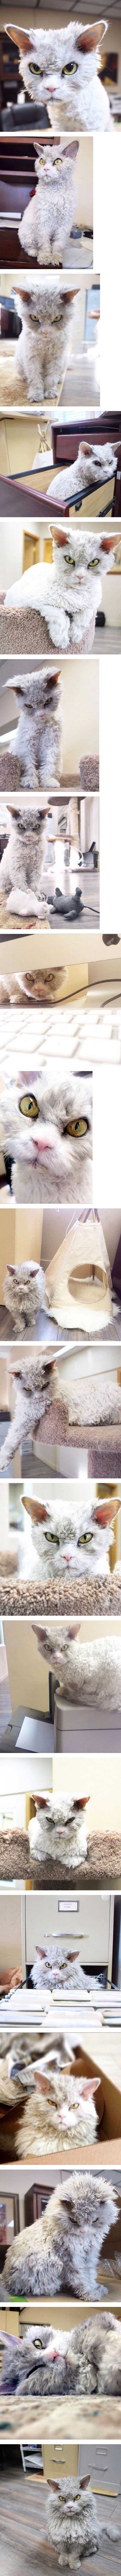 Grumpy Cat ist Schnee von gestern | Webfail - Fail Bilder und Fail Videos